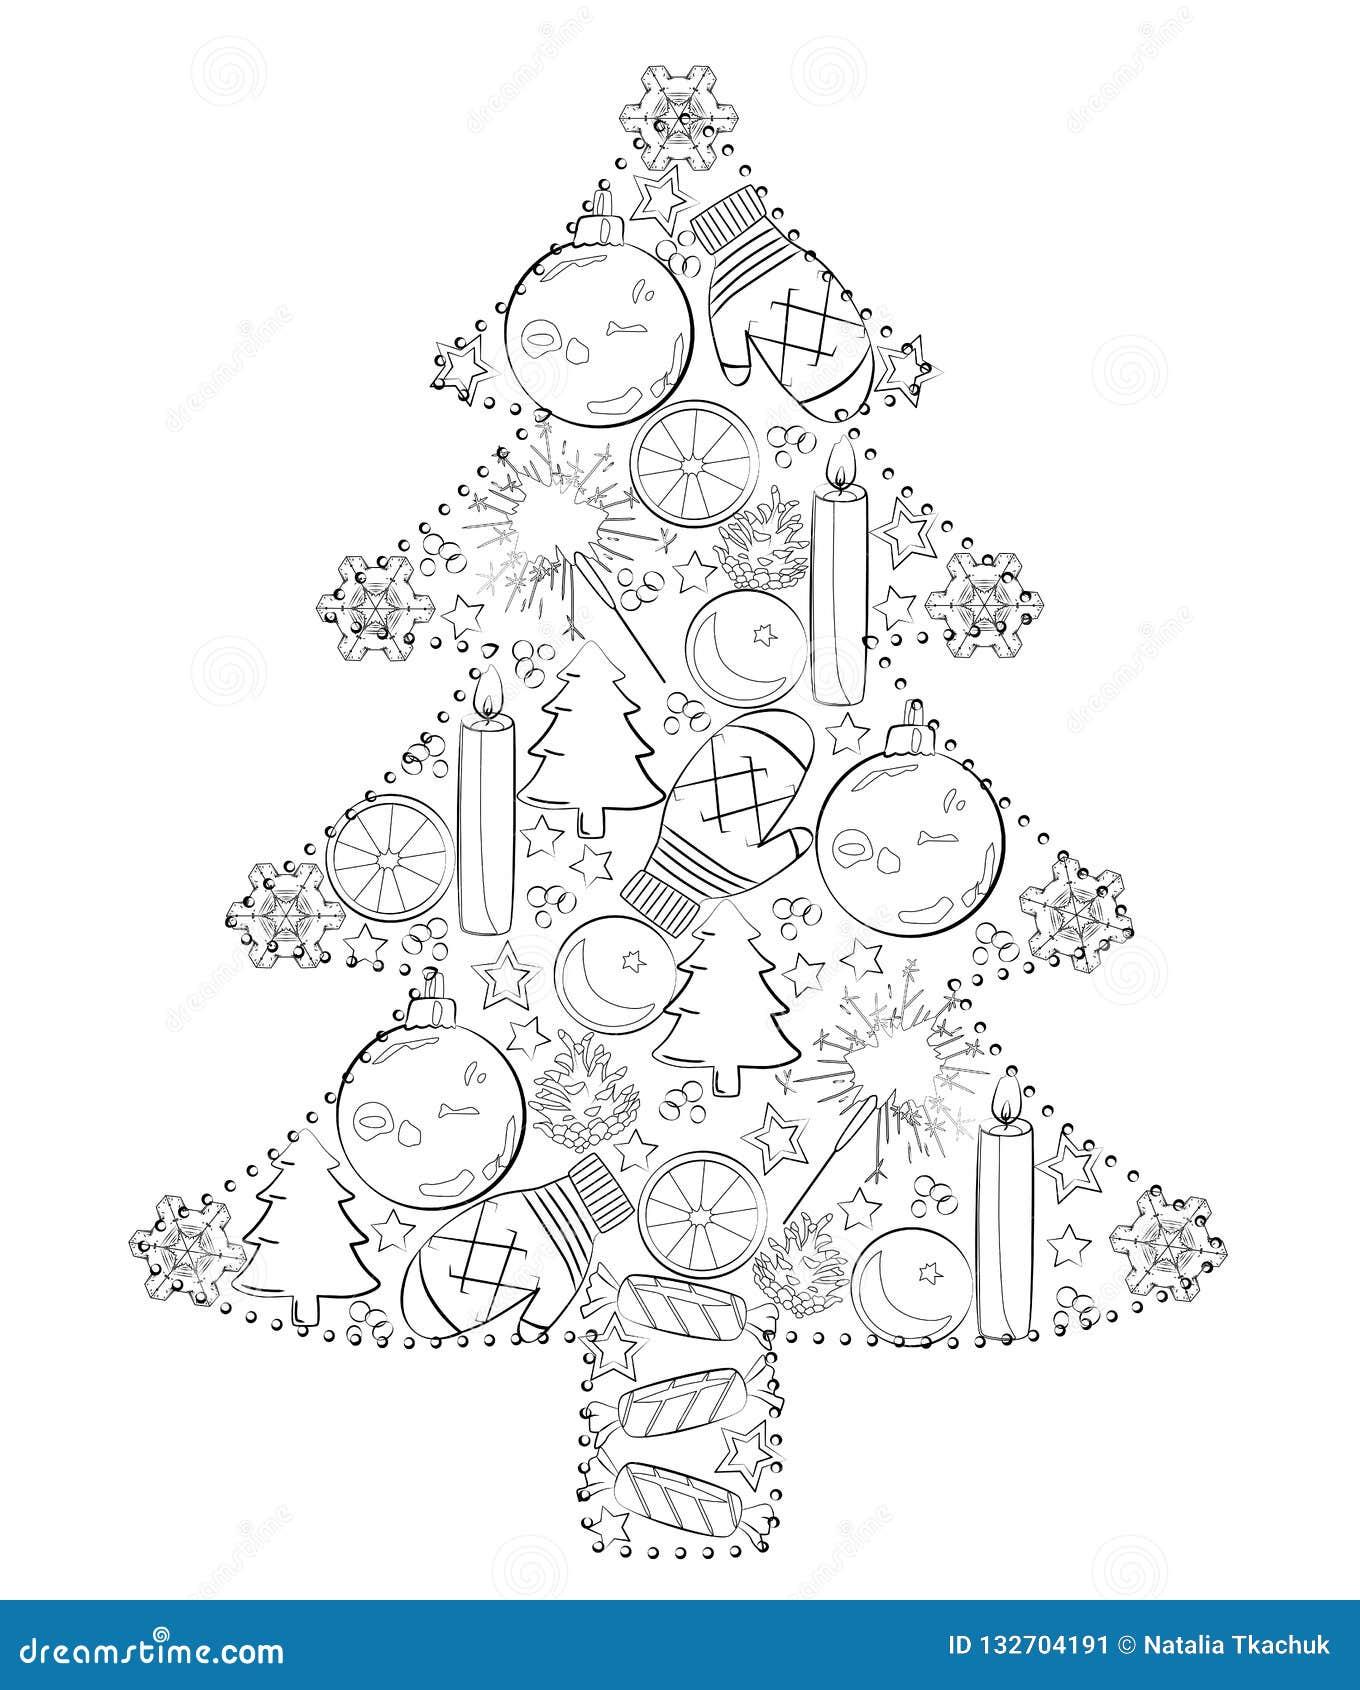 Weihnachtsbaum Schwarz Weiß.Weihnachtsbaum Von Spielwaren Schwarzweiss Vektorillustration Stock